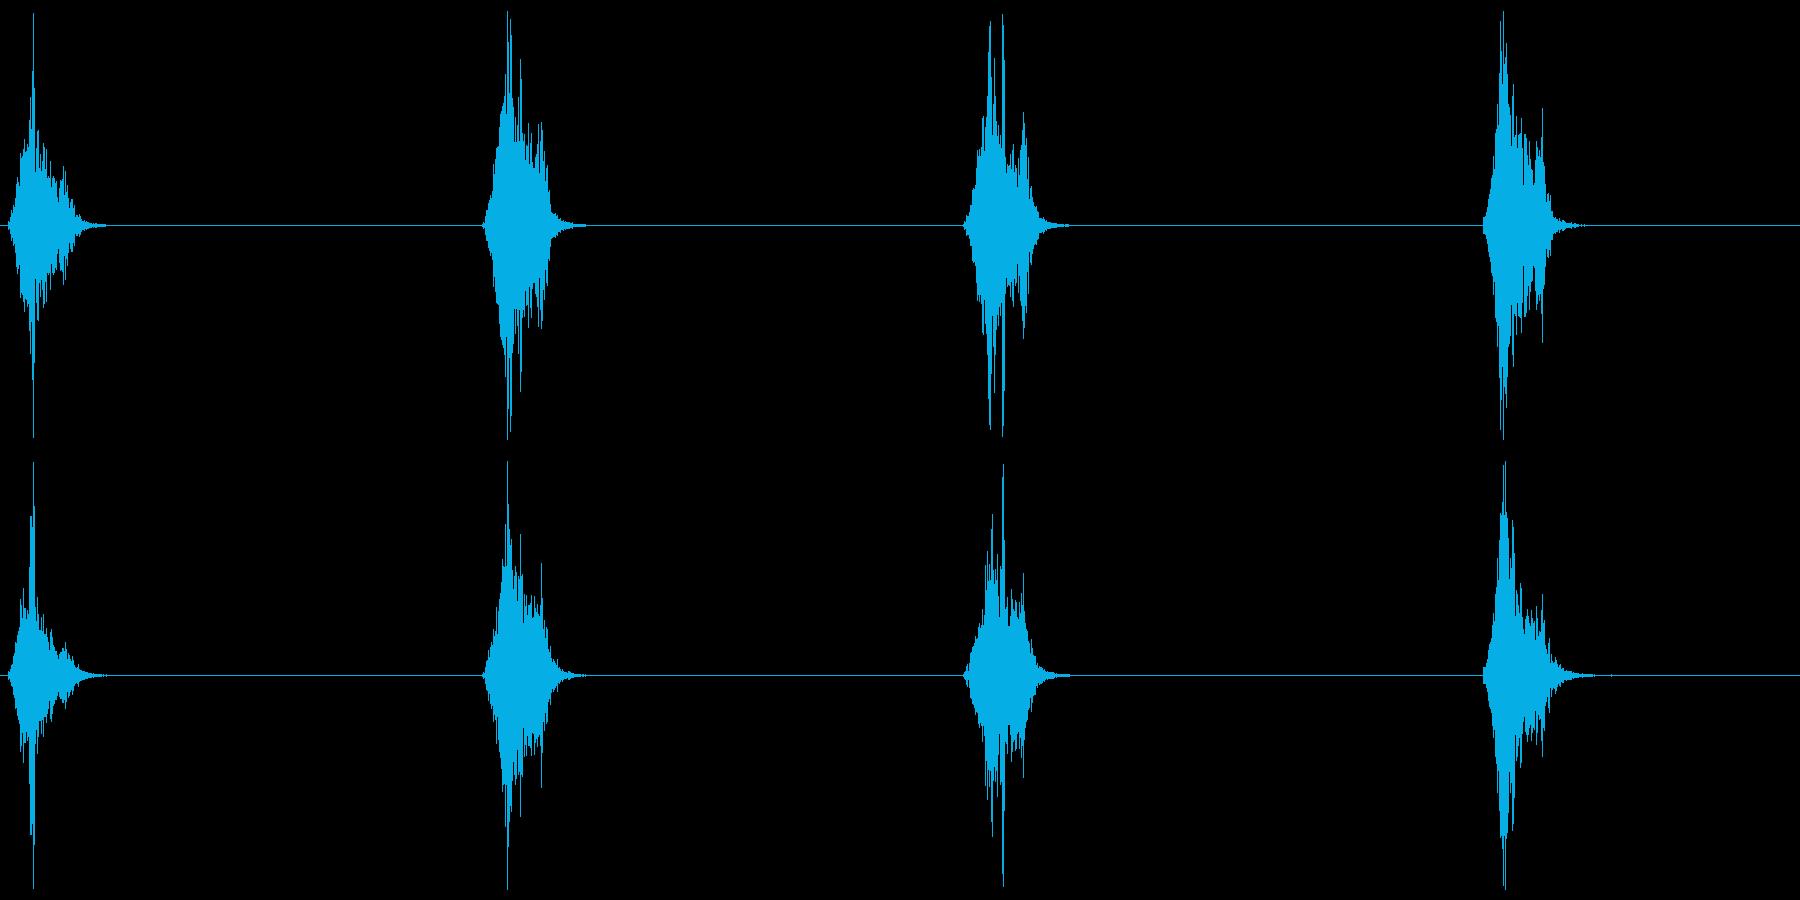 スズメの鳴き声 A 短めの再生済みの波形